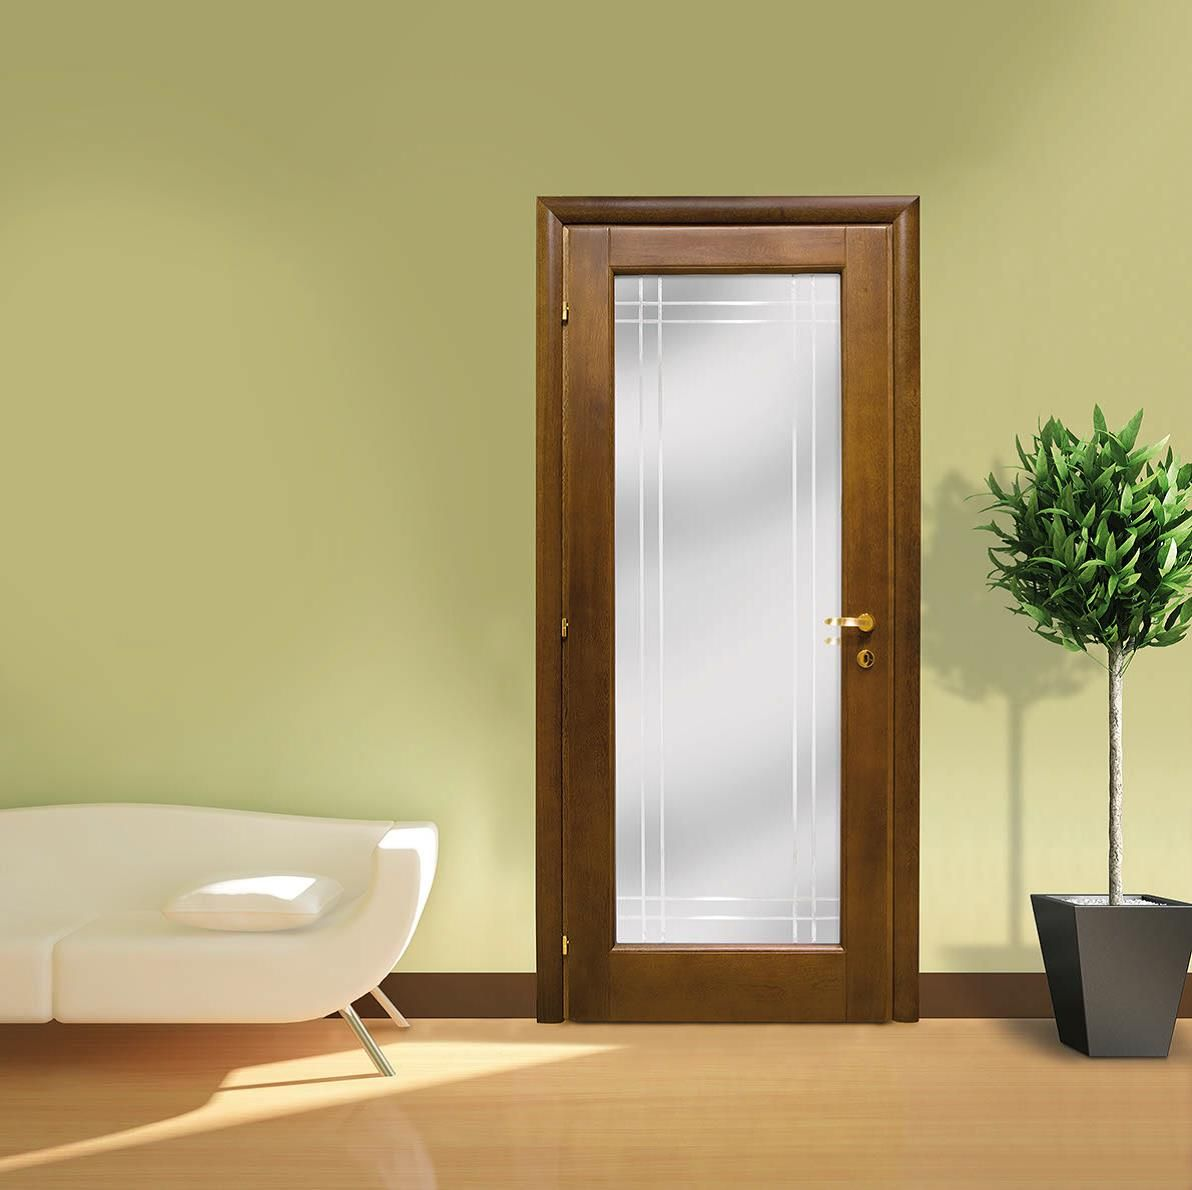 porta PIACENZA legno massello toulipier vetro satinato bianco righe ...